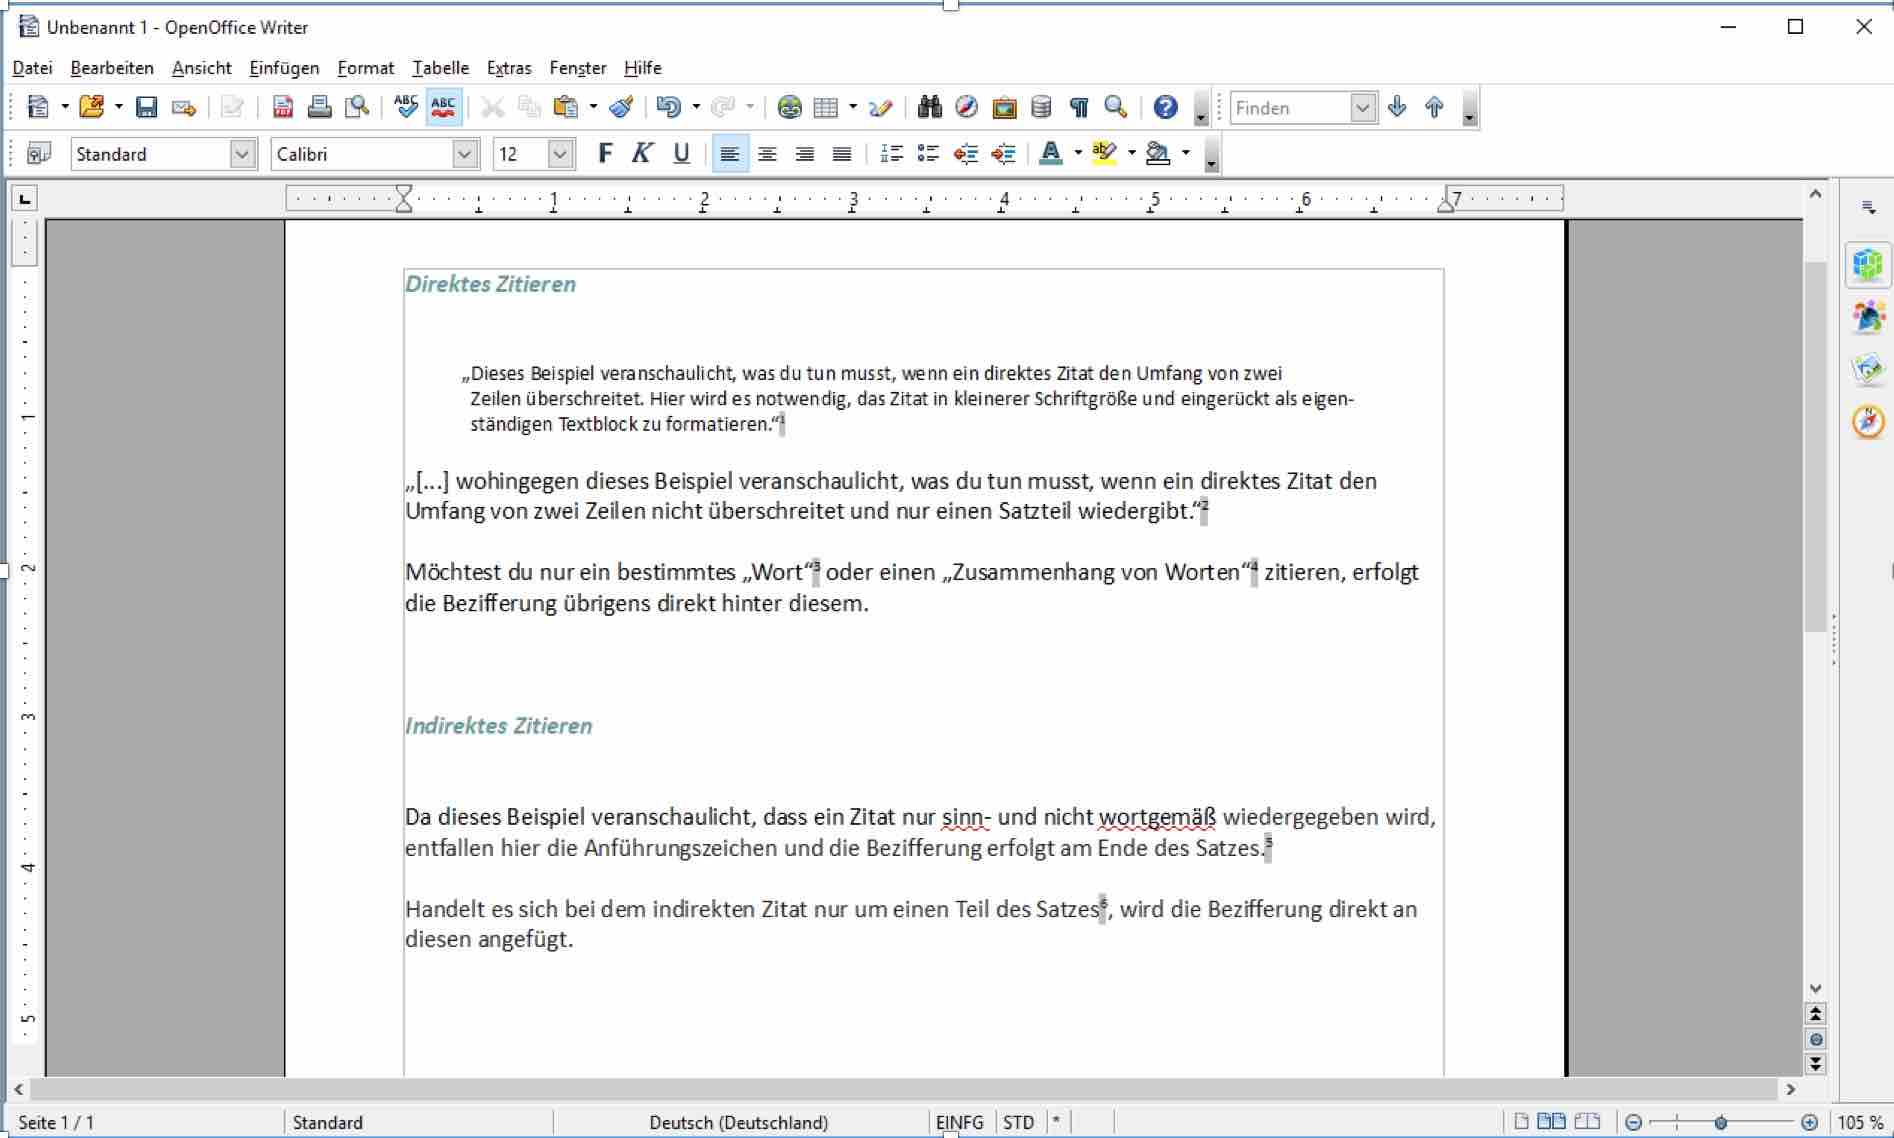 Beispiele für das direkte und indirekte Zitieren im Fließtext